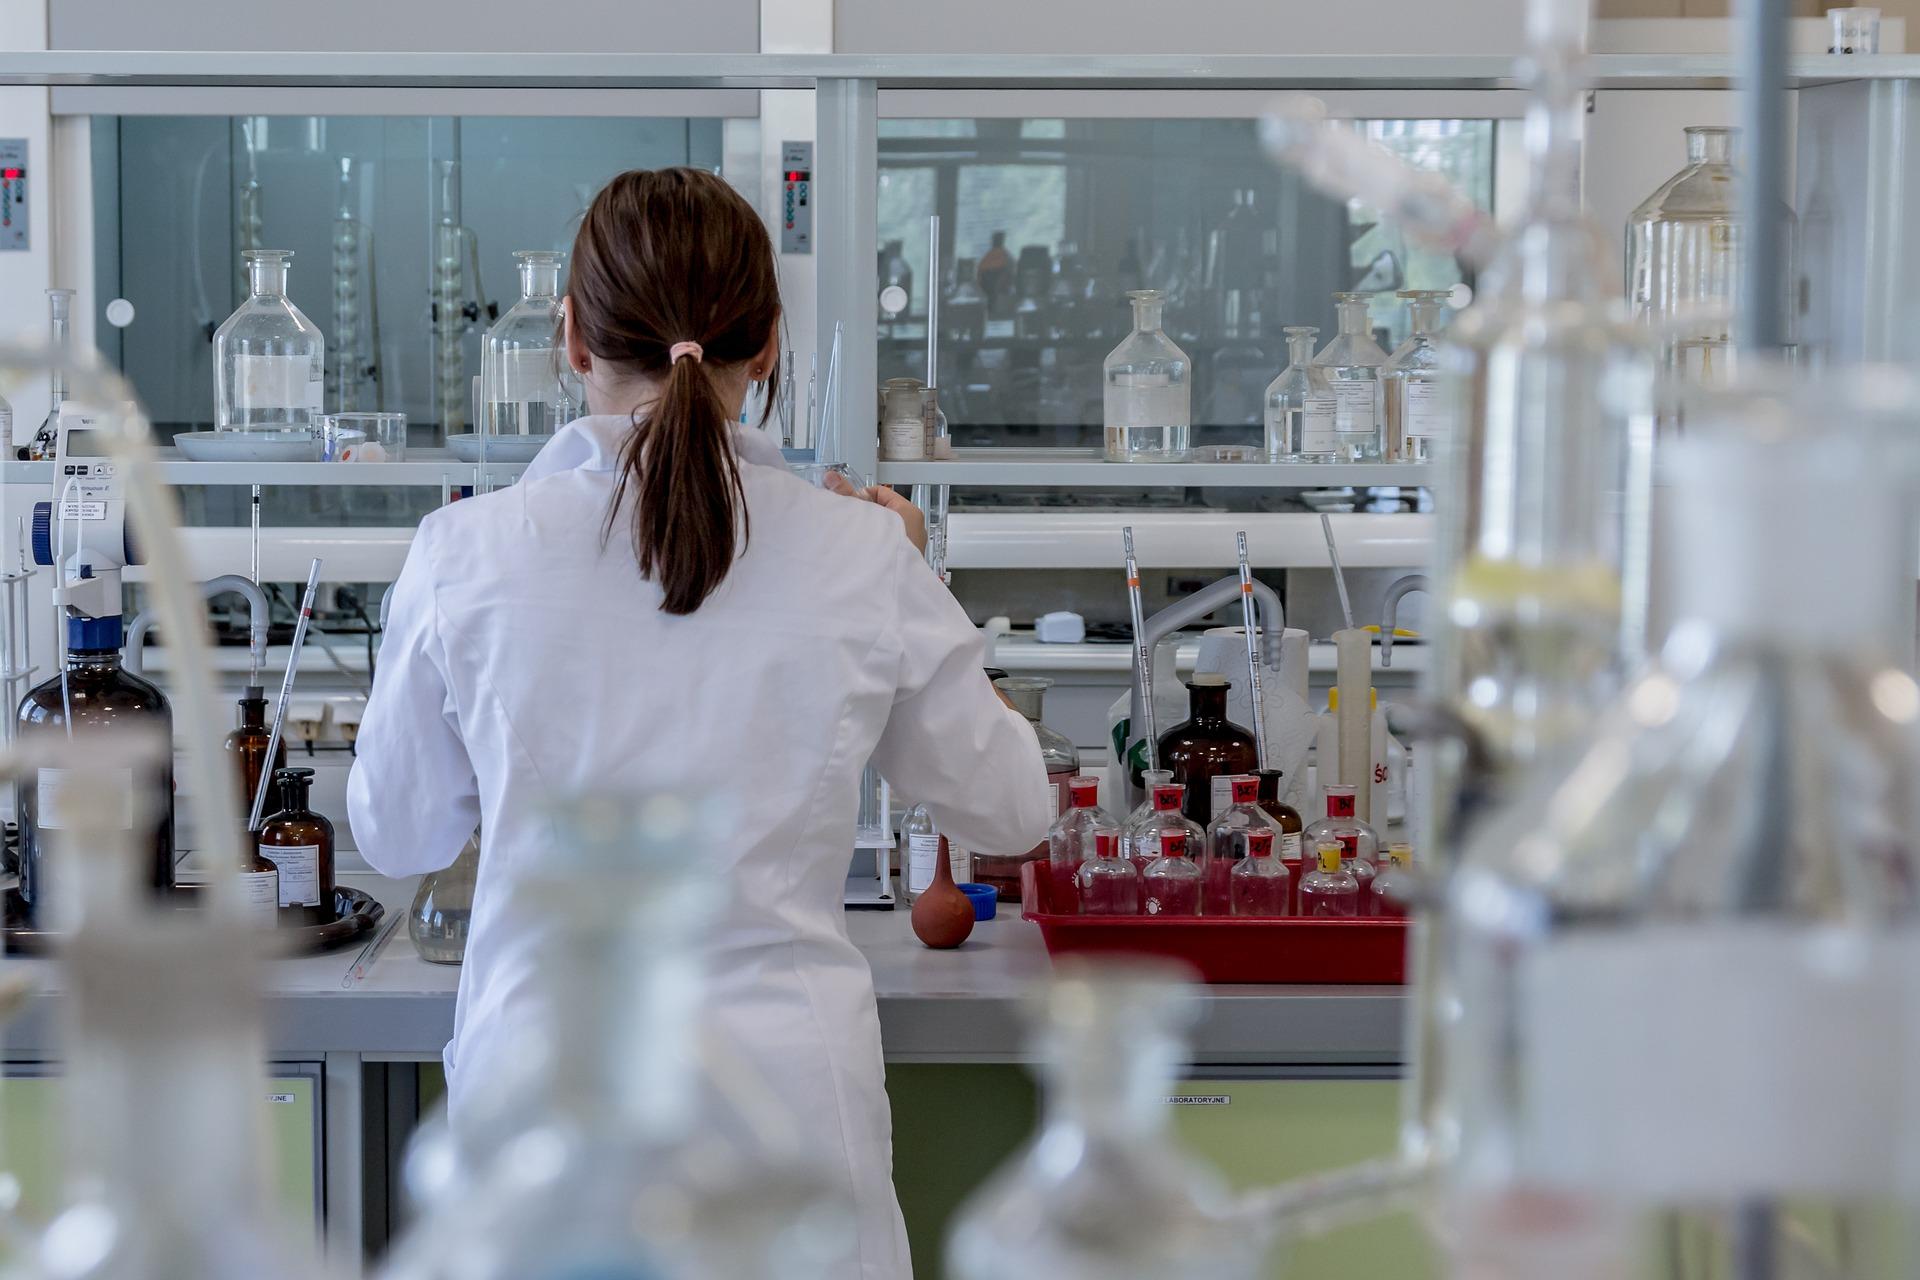 """<p>Typisch für ein Werk der chemisch-pharmazeutischen Industrie sind die kilometerlangen Rohrleitungen. Sie gehören zu den wichtigsten Ver- und Entsorgungseinrichtungen der Produktionsanlagen – und bilden somit die """"Adern"""" eines Werkes. Chemiestandorte sind häufig durch einen komplexen Produktions- und Energieverbund gekennzeichnet. Und diese Verbundstruktur unterliegt einem ständigen Erneuerungs- und Verbesserungsprozess – die richtige Wahl der Rohrleitungsverbindung kann hier Zeit und Kosten sparen. In gleicher Weise gilt dies auch für kleinere Pilotanlagen und für das Labor.</p><p>Die Medienvielfalt (Gase, Dämpfe, Flüssigkeiten jeder Art, Säuren und Laugen), die zu beherrschenden Drücke (Vakuum bis Hochdruck) und auch die sehr unterschiedlichen Temperaturen (tiefkalte Flüssiggase, kochende Säuregemische) machen die Chemie zur wohl anspruchsvollsten Anwenderbranche für Rohrleitungen. Typisch für die Chemie ist, dass viele Sonderformen von Rohrleitungen, wie beheizte Leitungen, Vakuumleitungen, Leitungen zum Feststofftransport oder Sterilrohrleitungen, zum Einsatz kommen. So vielfältig wie die verwendeten Rohrwerkstoffe und die Einsatzbedingungen sind, so unterschiedlich sind auch die entsprechenden Verbindungstechniken: Man flanscht, schweißt, lötet oder klebt Rohrenden zusammen, setzt leckagefreie Verschraubungen, moderne Fittings oder auch anspruchsvolle Tri-Clamp Verbindungen ein.</p><p>Die Rohrverschraubung 2N bspw. dichtet bei aggressiven Medien kraftschlüssig ab, wobei die Verbindung jederzeit wieder lösbar ist. Das konstruktive Konzept minimiert das Totvolumen und behindert den Strömungsverlauf nicht, da der Innendurchmesser der Verschraubung gleich dem des Rohres ist.</p>"""